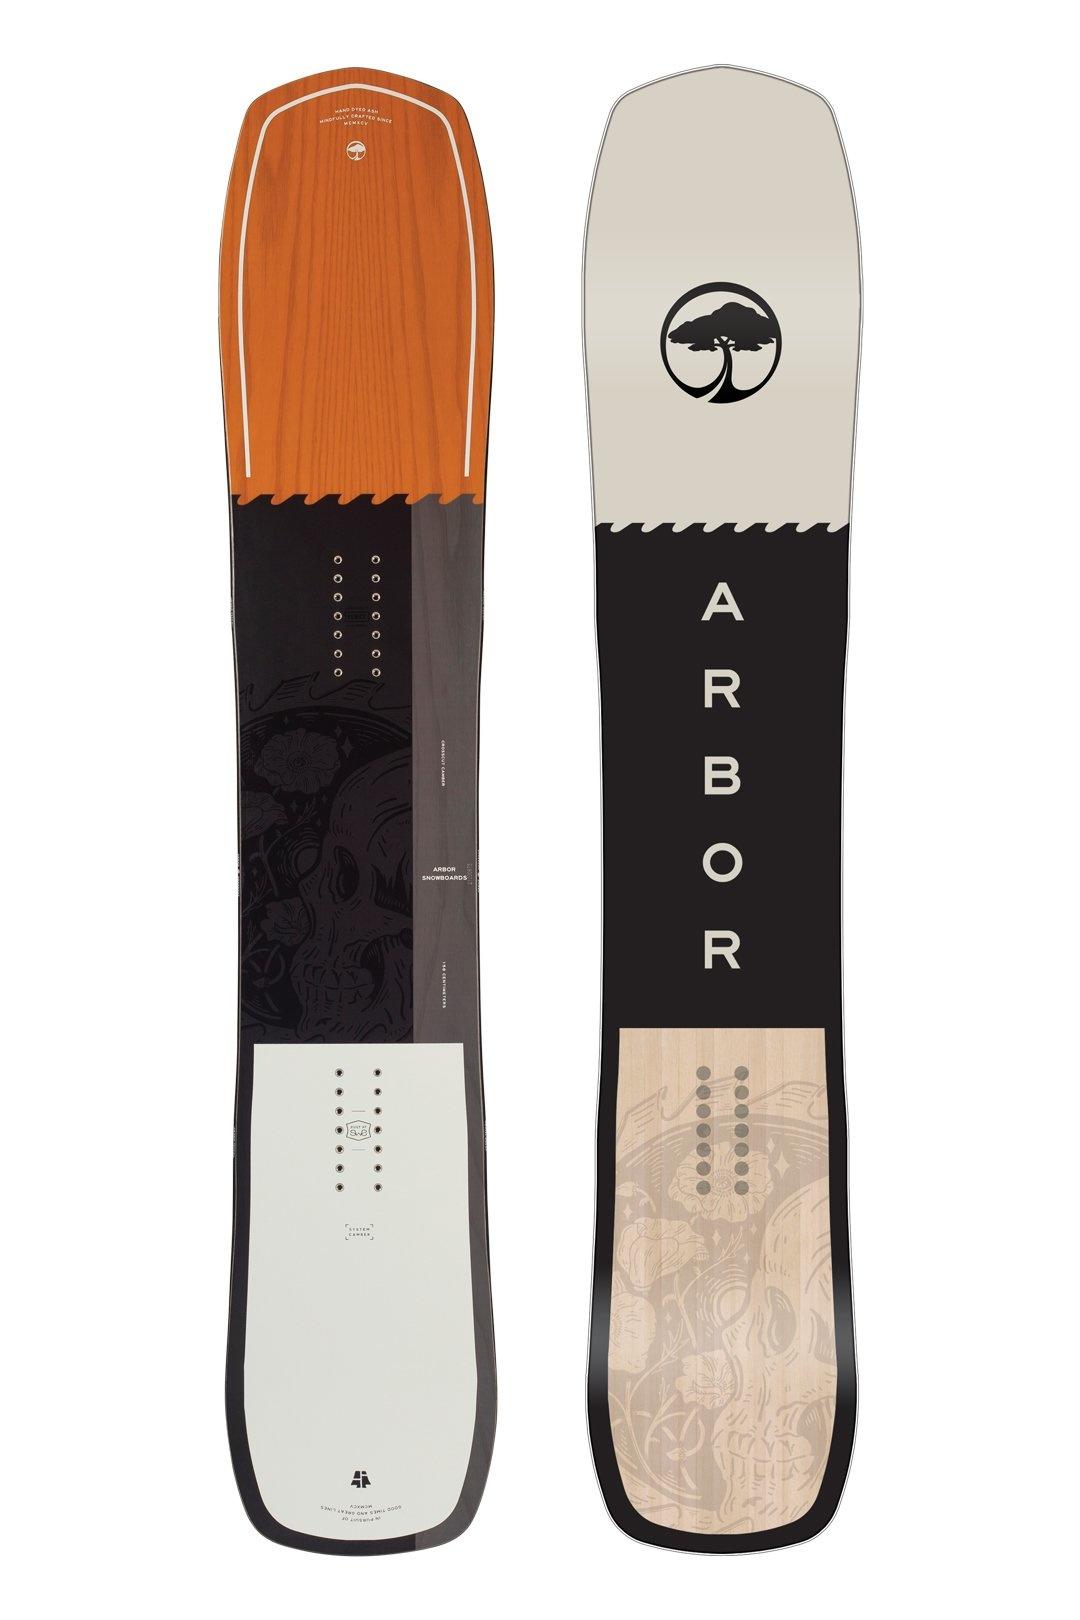 ARBOR 21 ARBOR CROSSCUT CAMBER